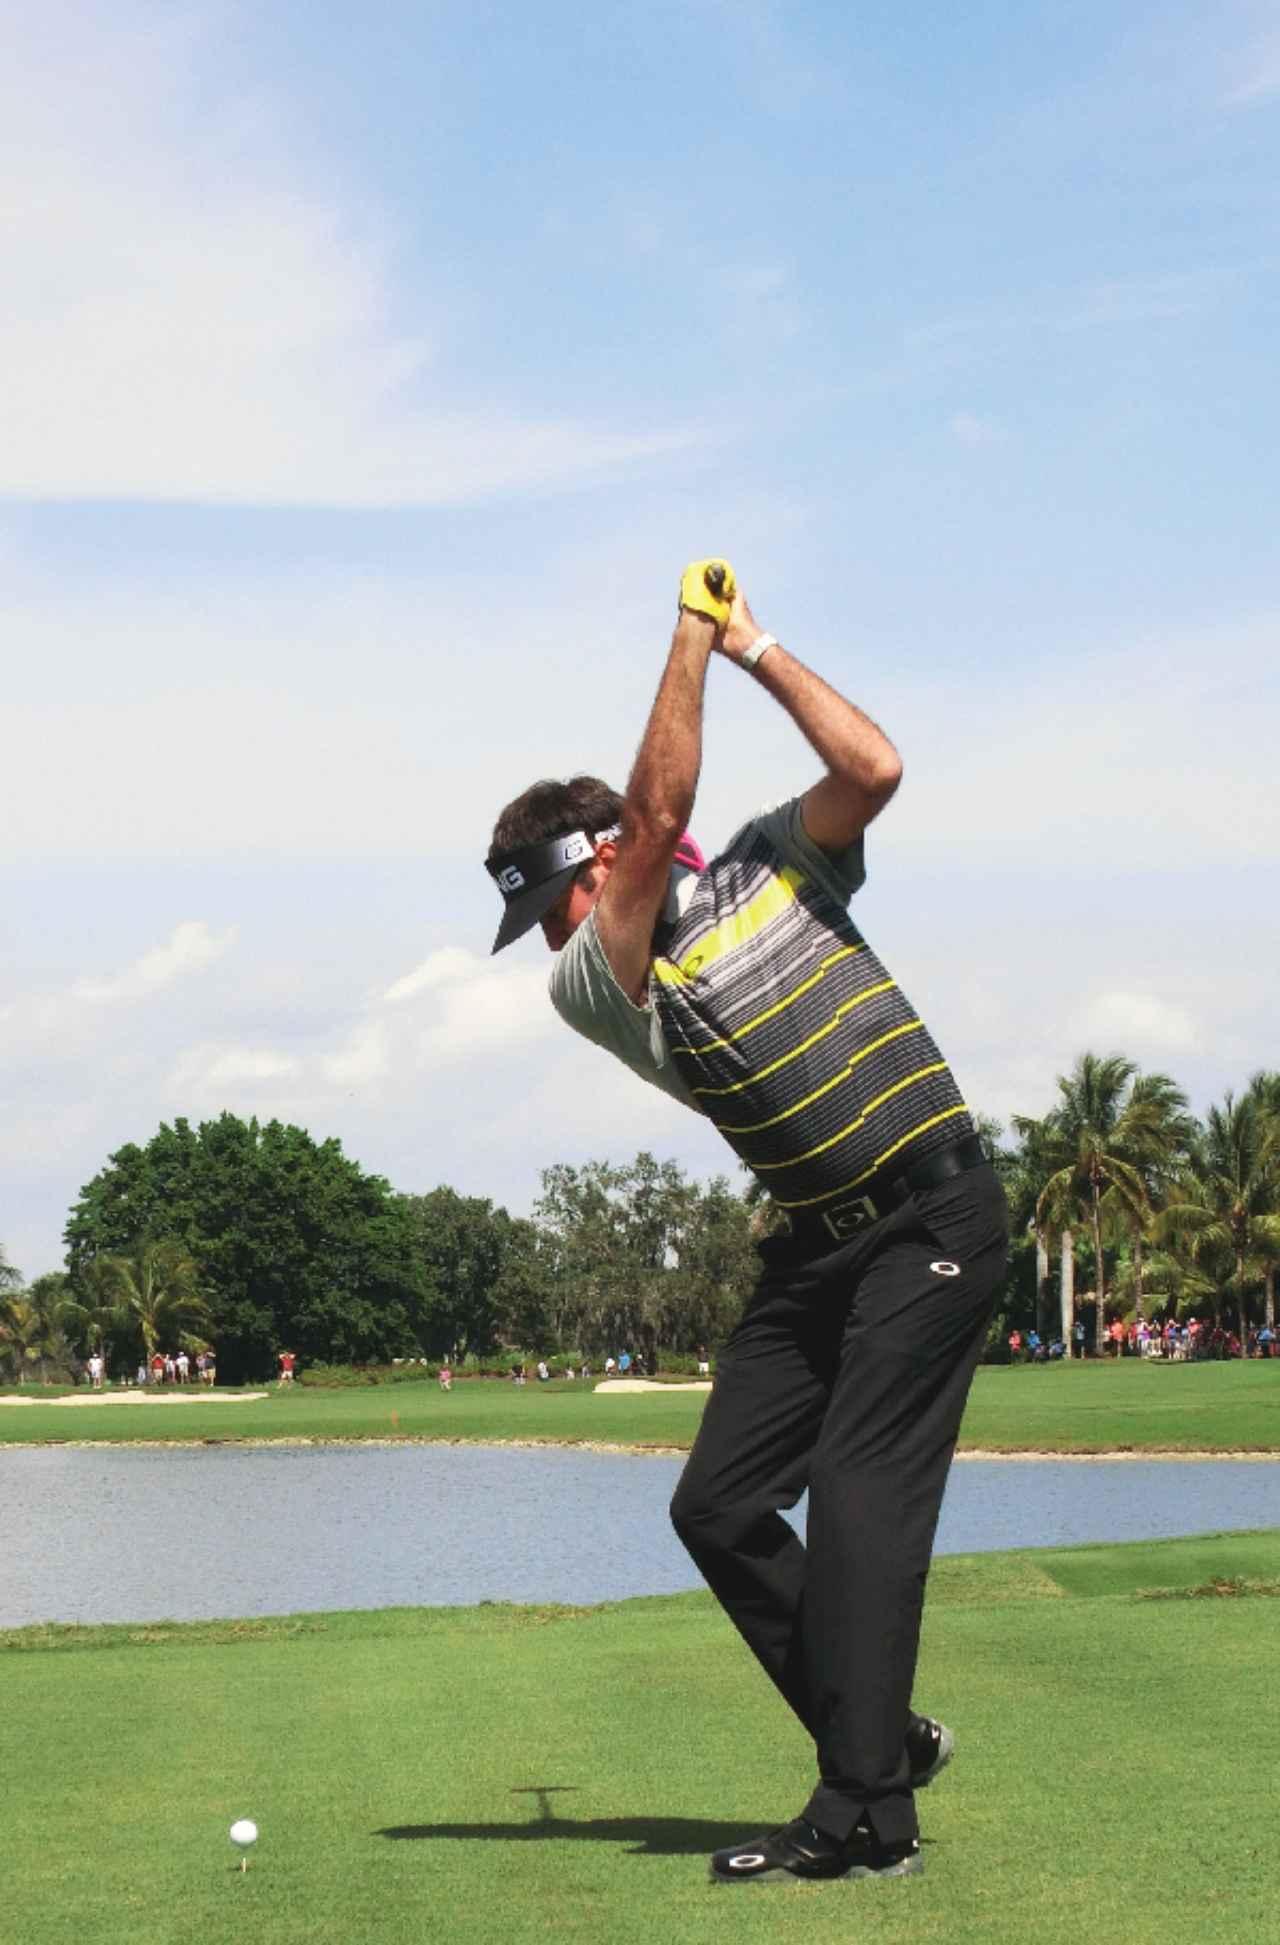 画像11: バッバ・ワトソンのココが凄い! PGAツアー スウィング超解説⑦